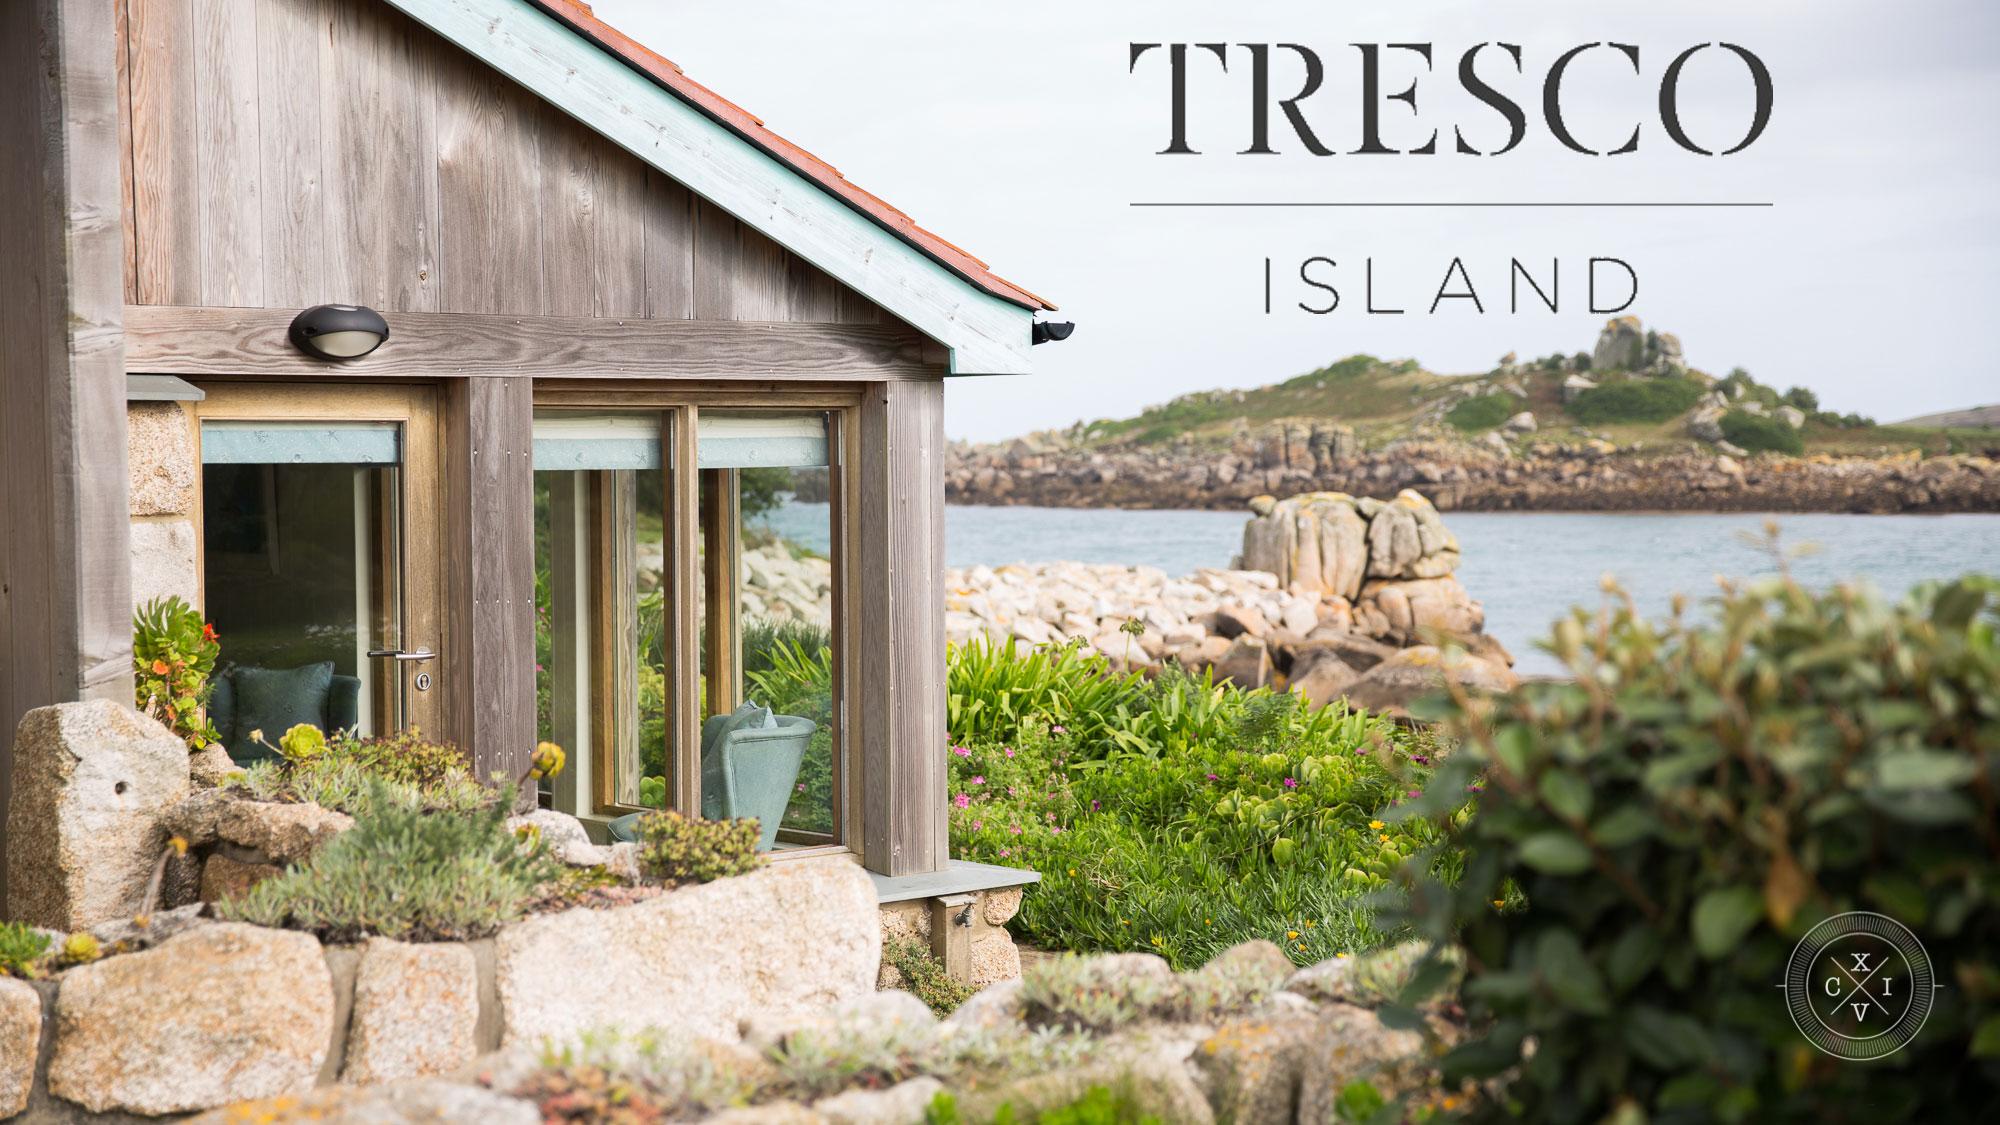 Tresco Island | Isles of Scilly